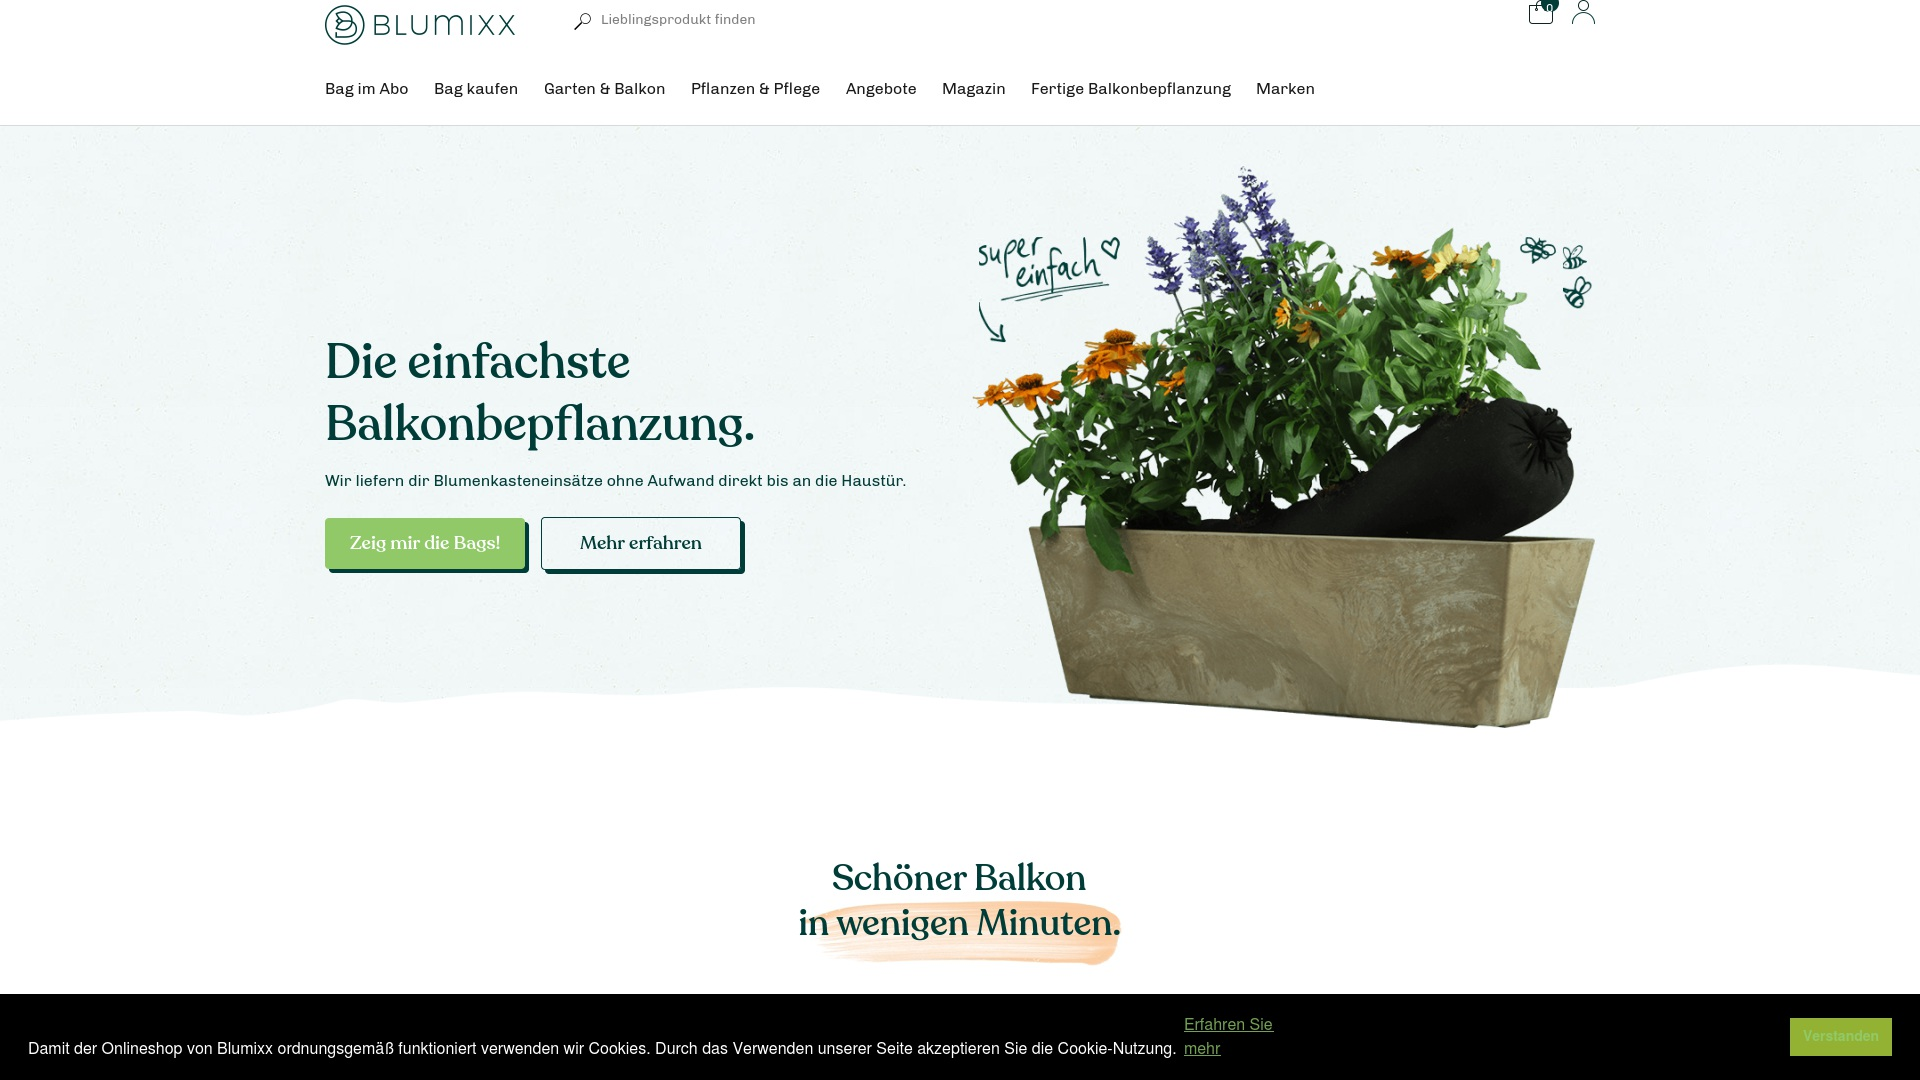 Gutschein für Blumixx: Rabatte für  Blumixx sichern